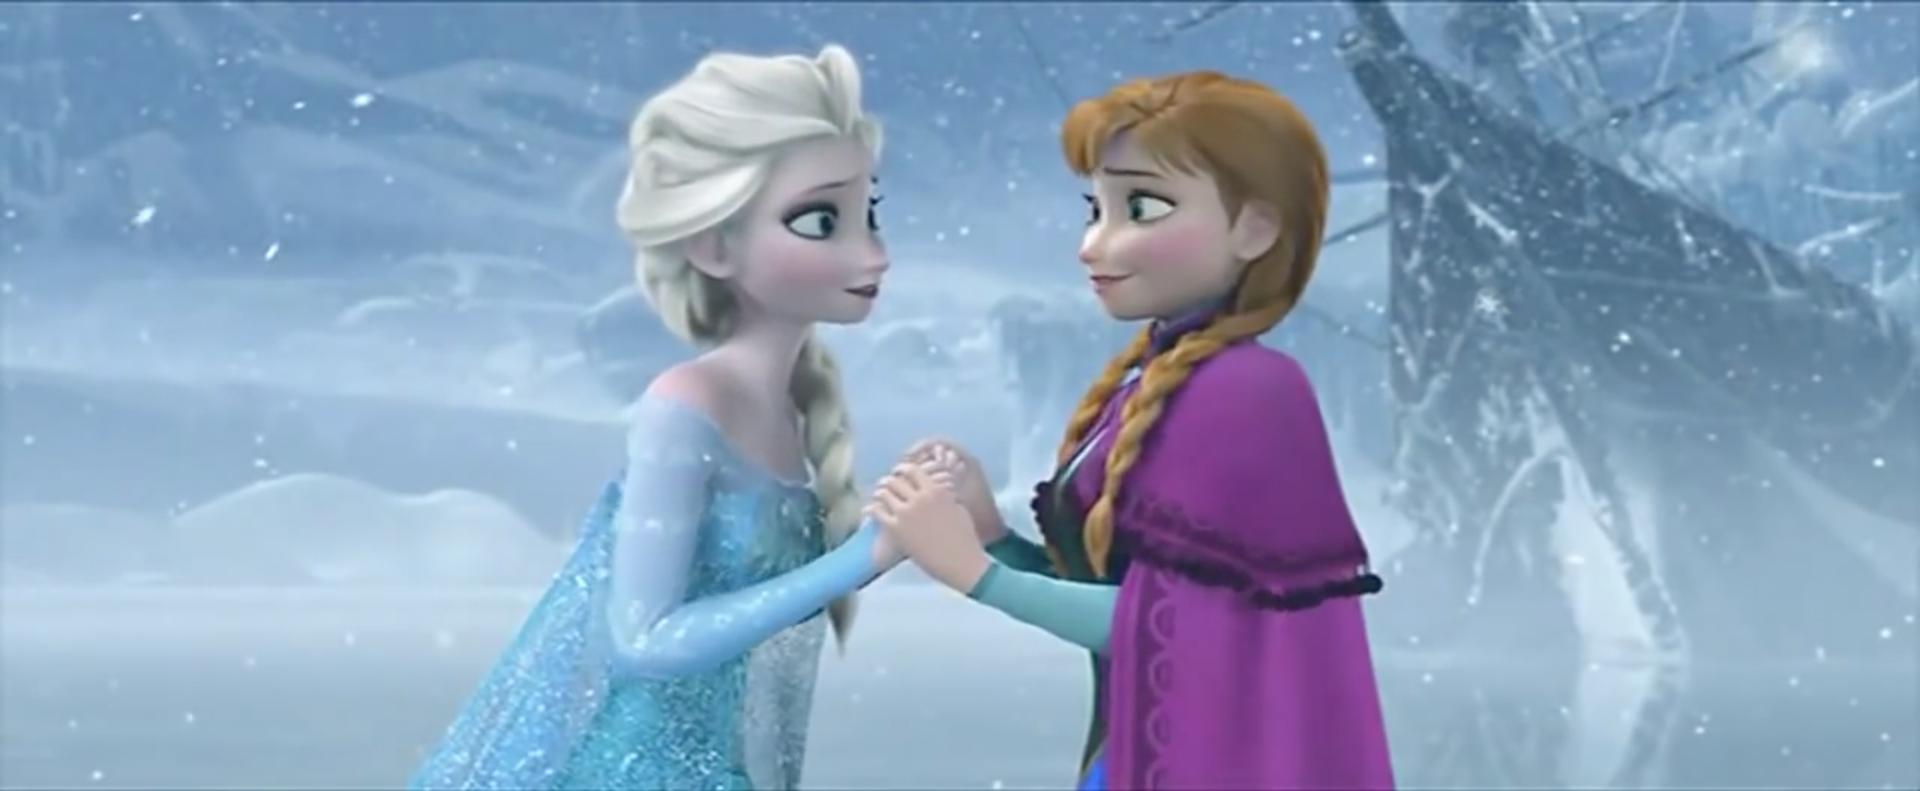 Frozen il regno di ghiaccio wikipedia